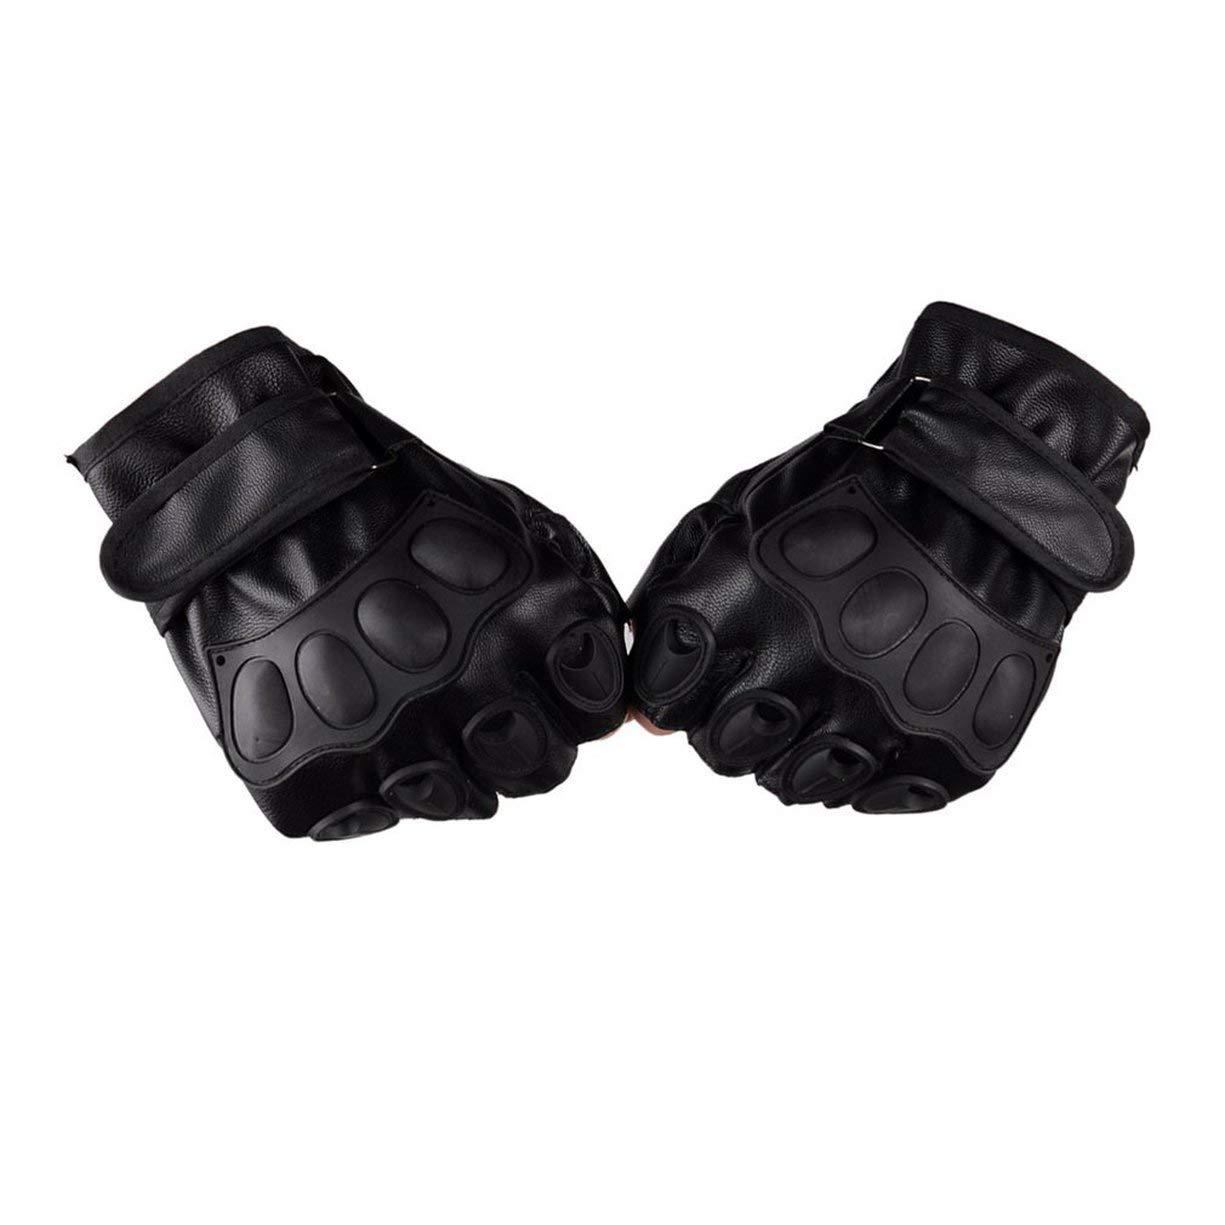 Guantes de medio dedo, guantes de medio dedo Guantes de cuero de los hombres de la PU para ejercicios tácticos de entrenamiento militar Motocicleta de deportes que liberan guantes de ciclismo Detectoy